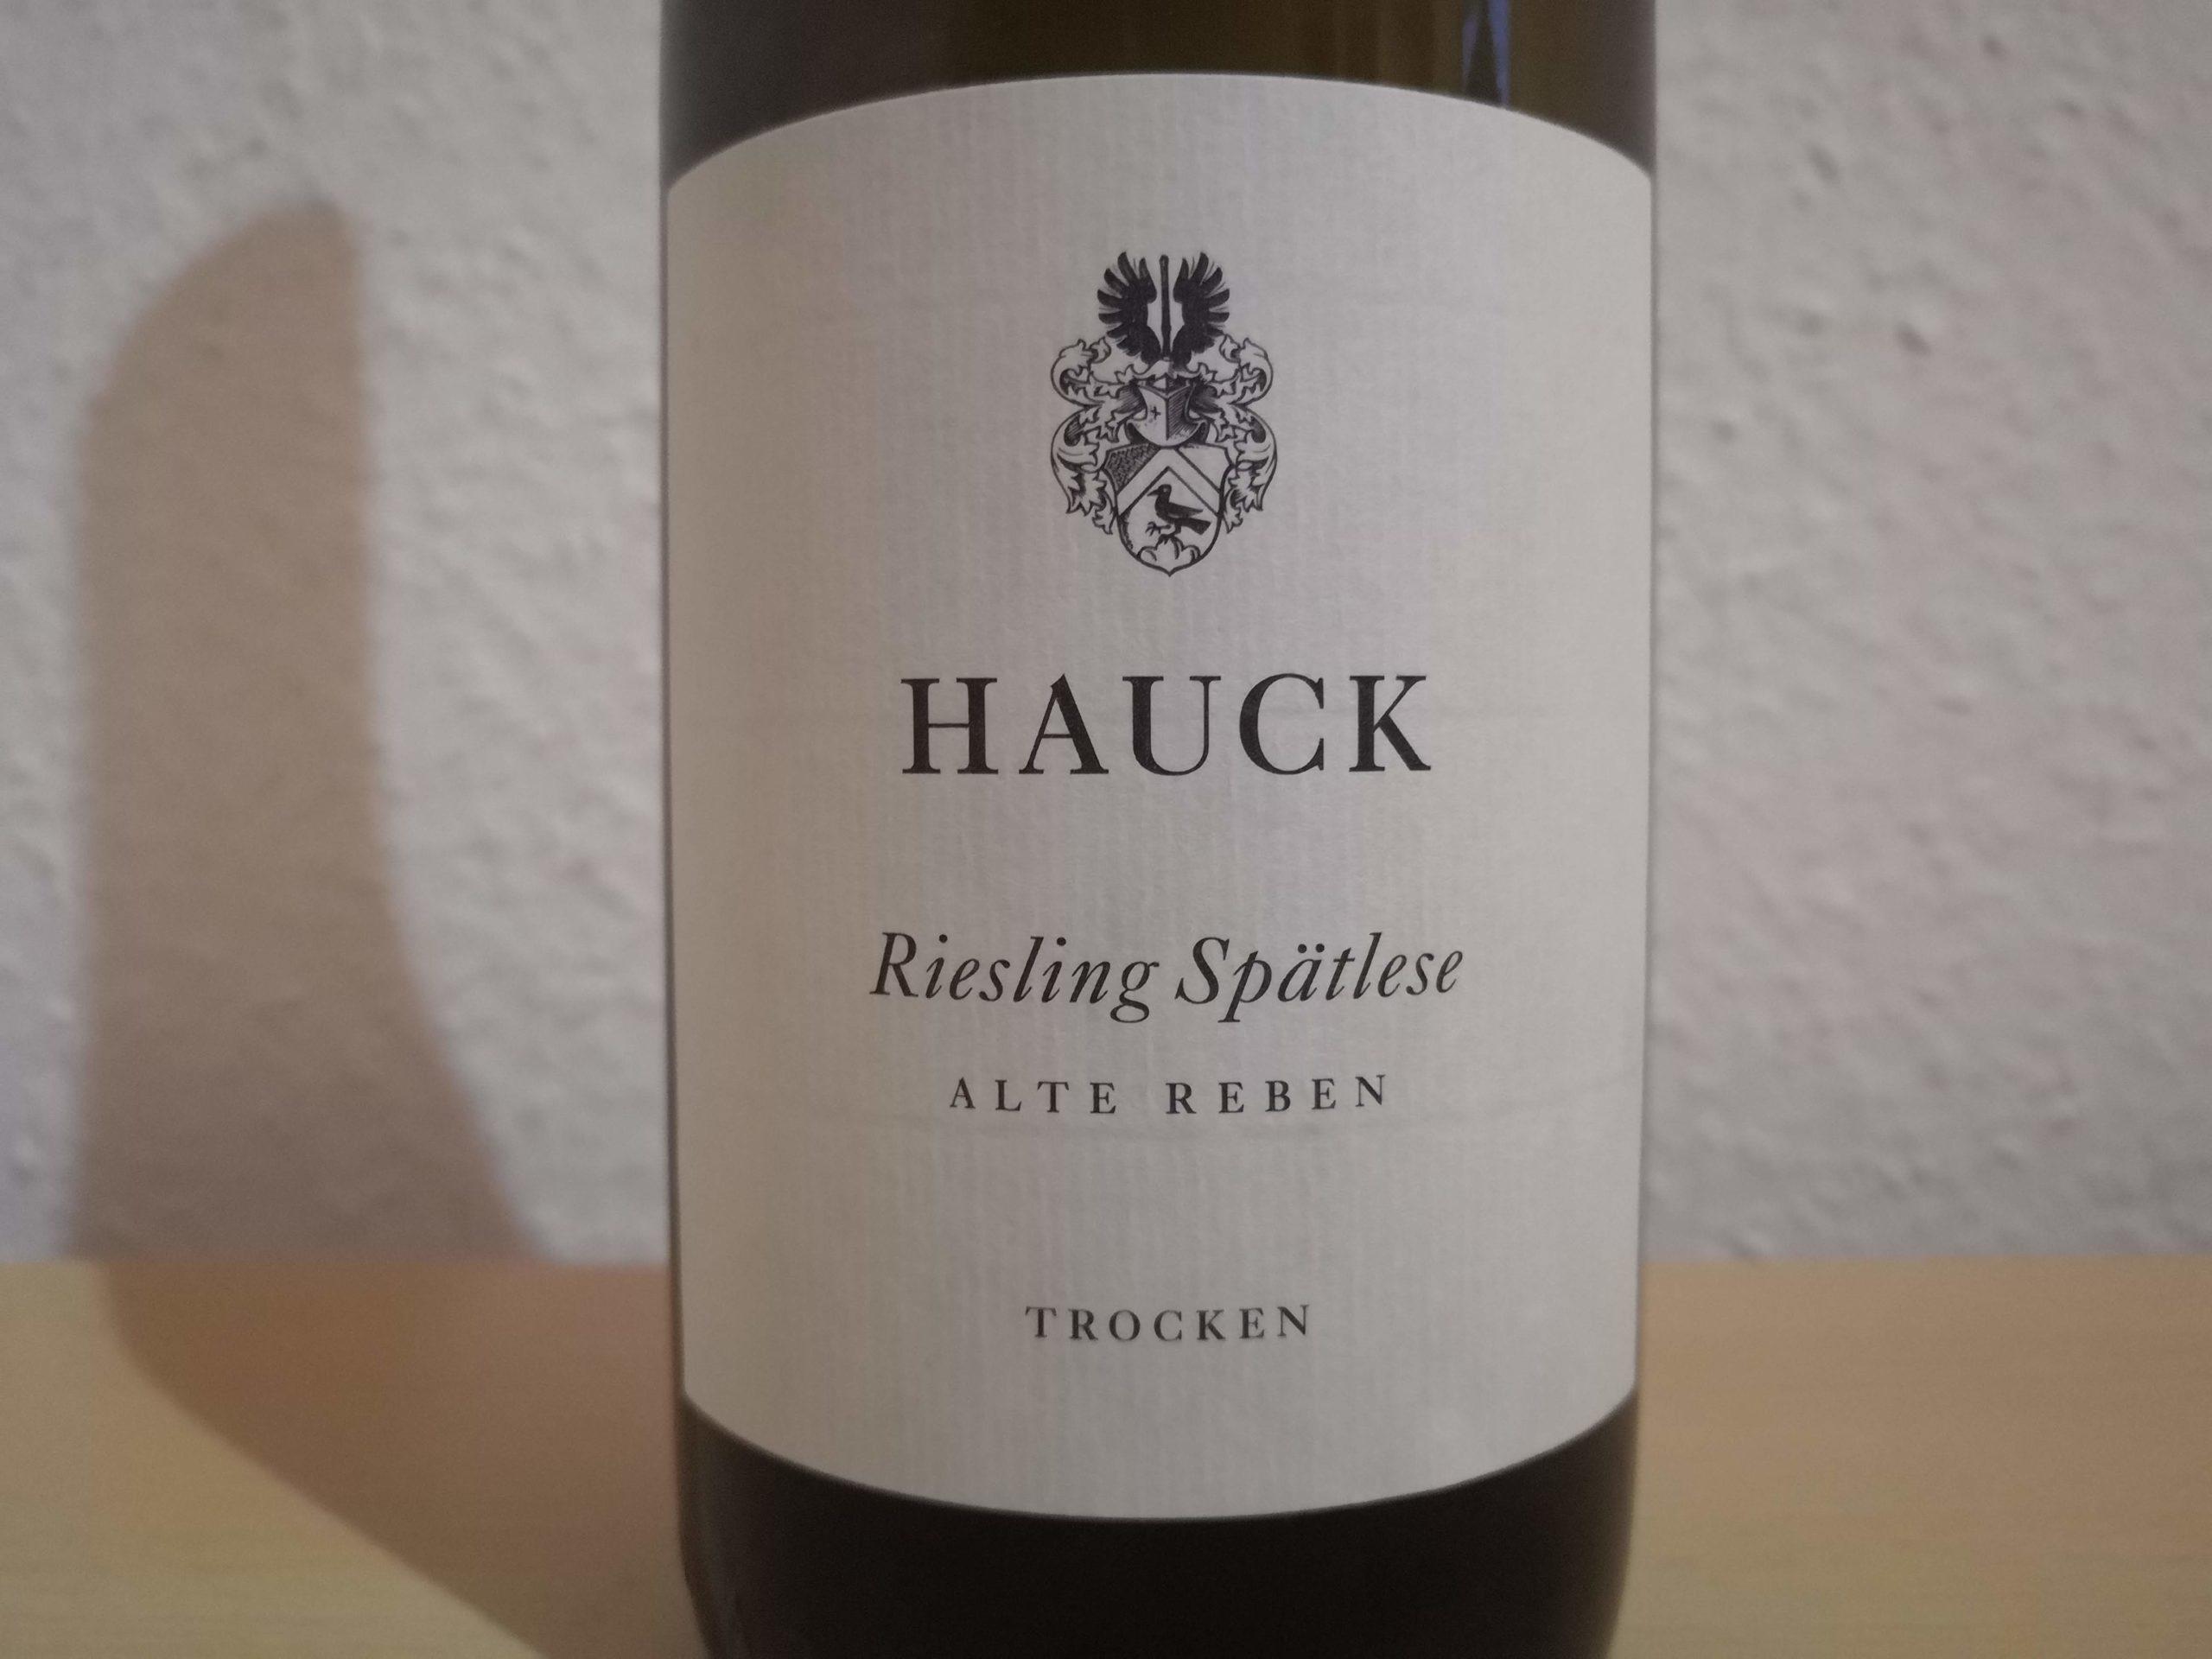 """2018er Riesling """"Alte Reben"""" Spätlese trocken vom Weingut Hauck"""